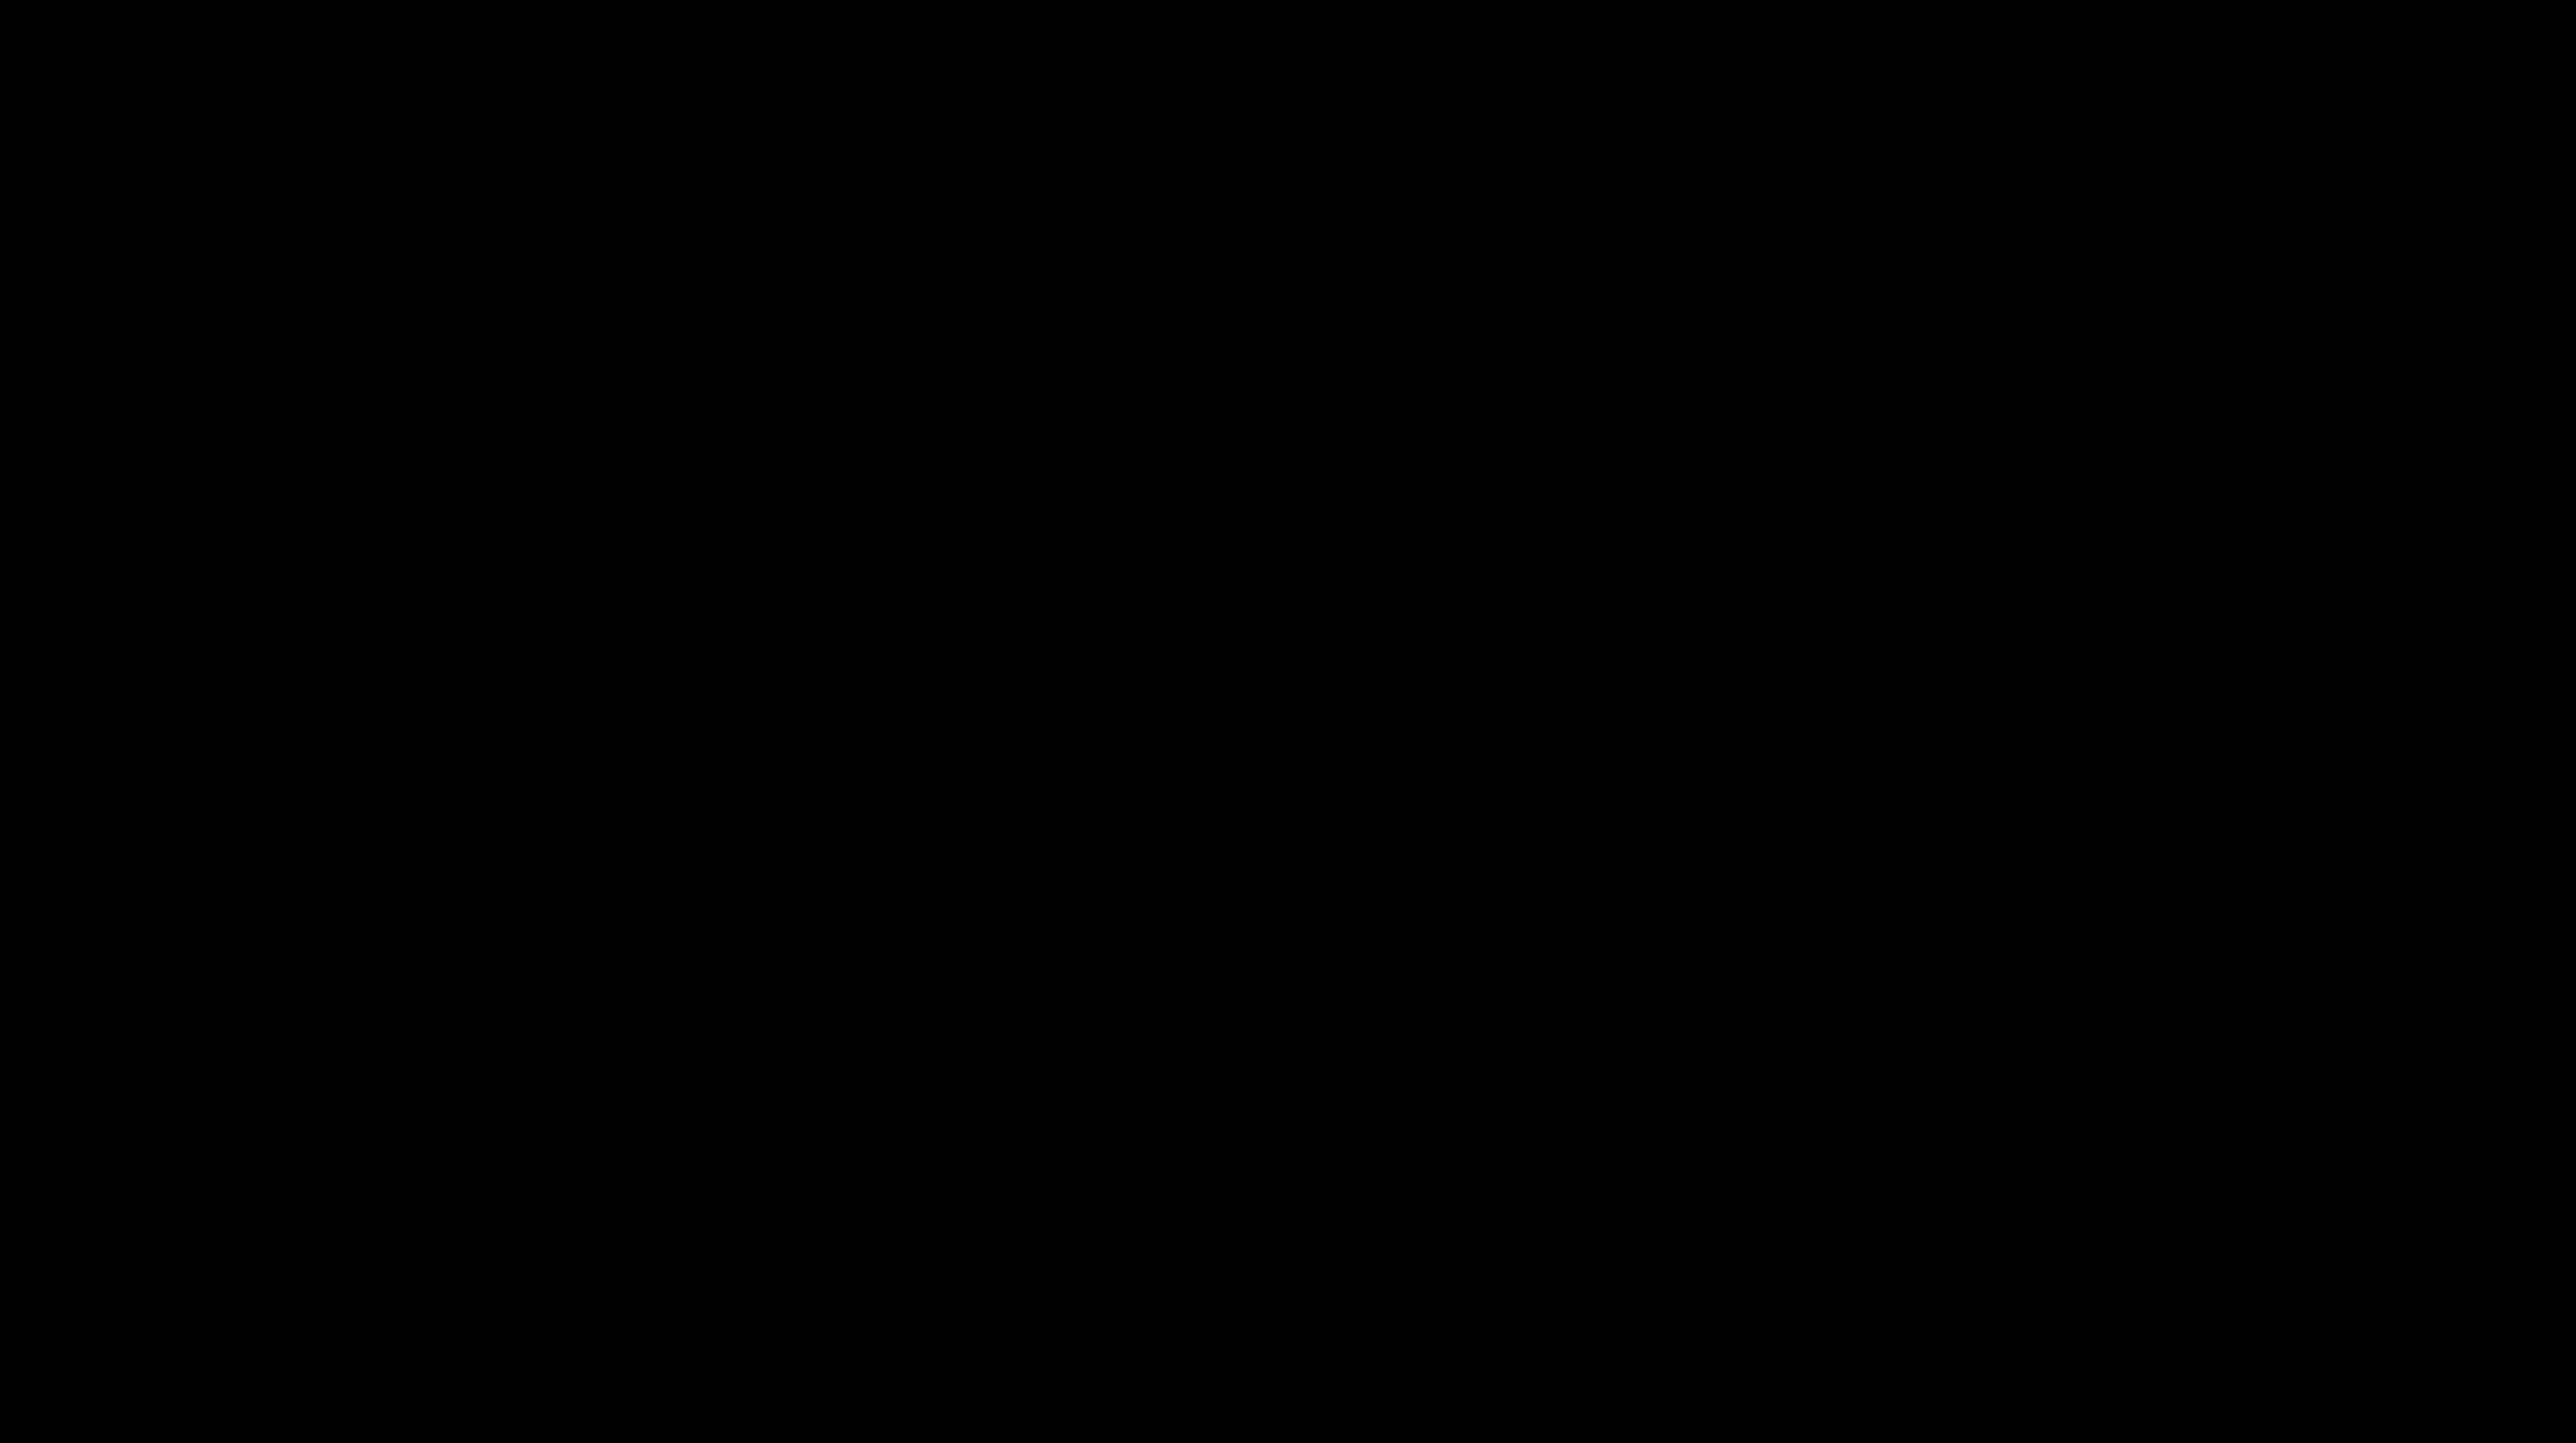 Jak działa przełącznik switch KVM?